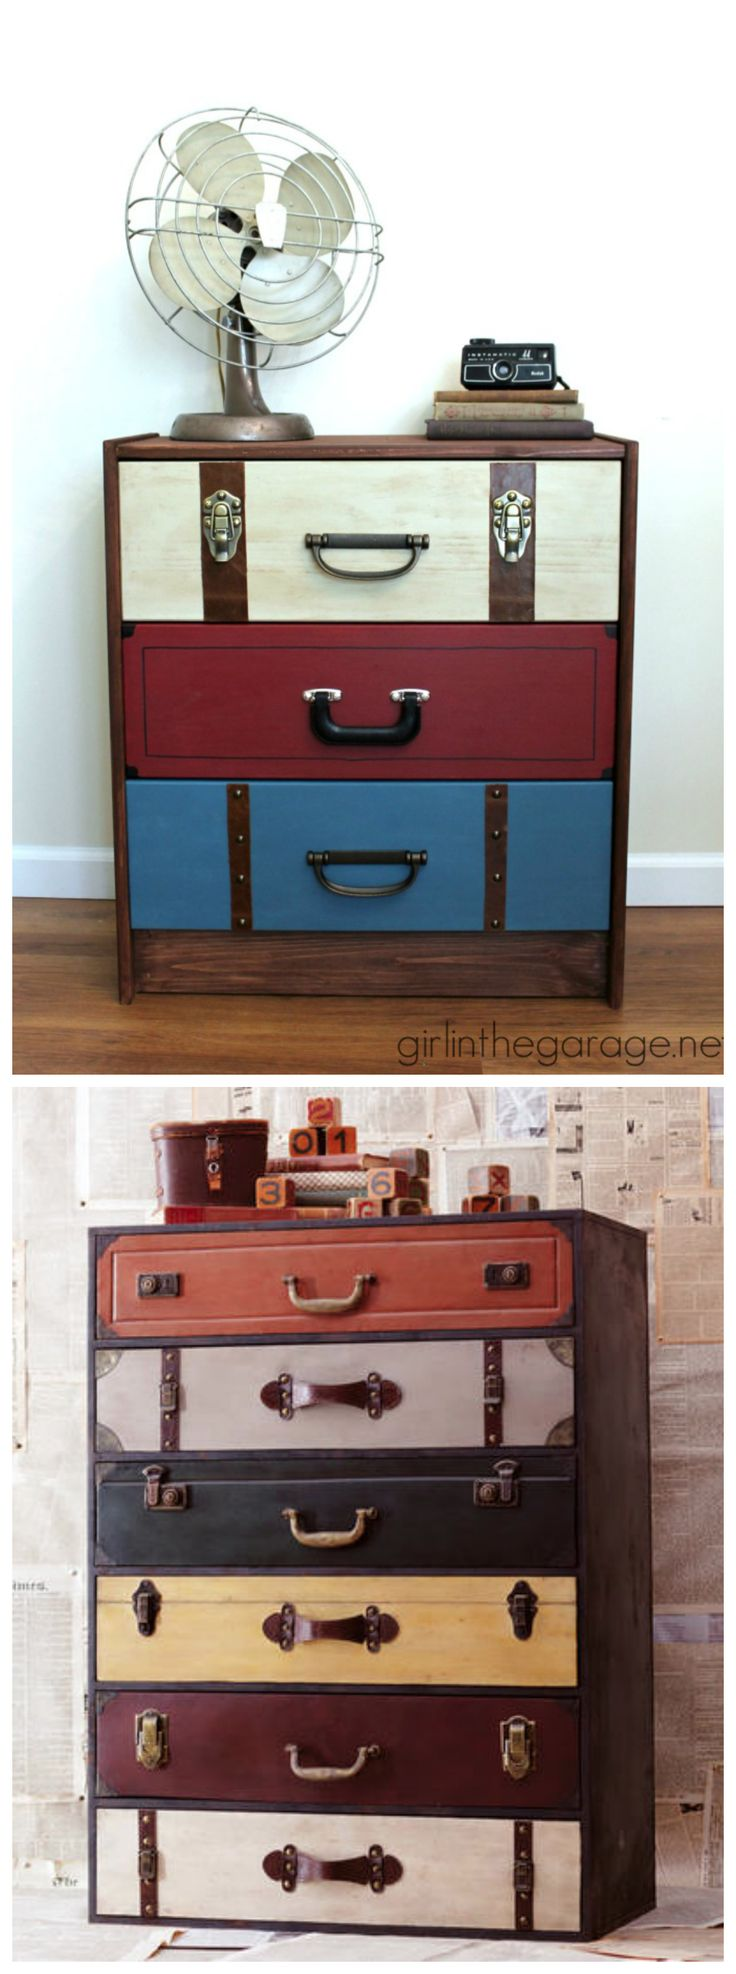 Best 20+ Ikea dresser ideas on Pinterest | Ikea dresser hack ...